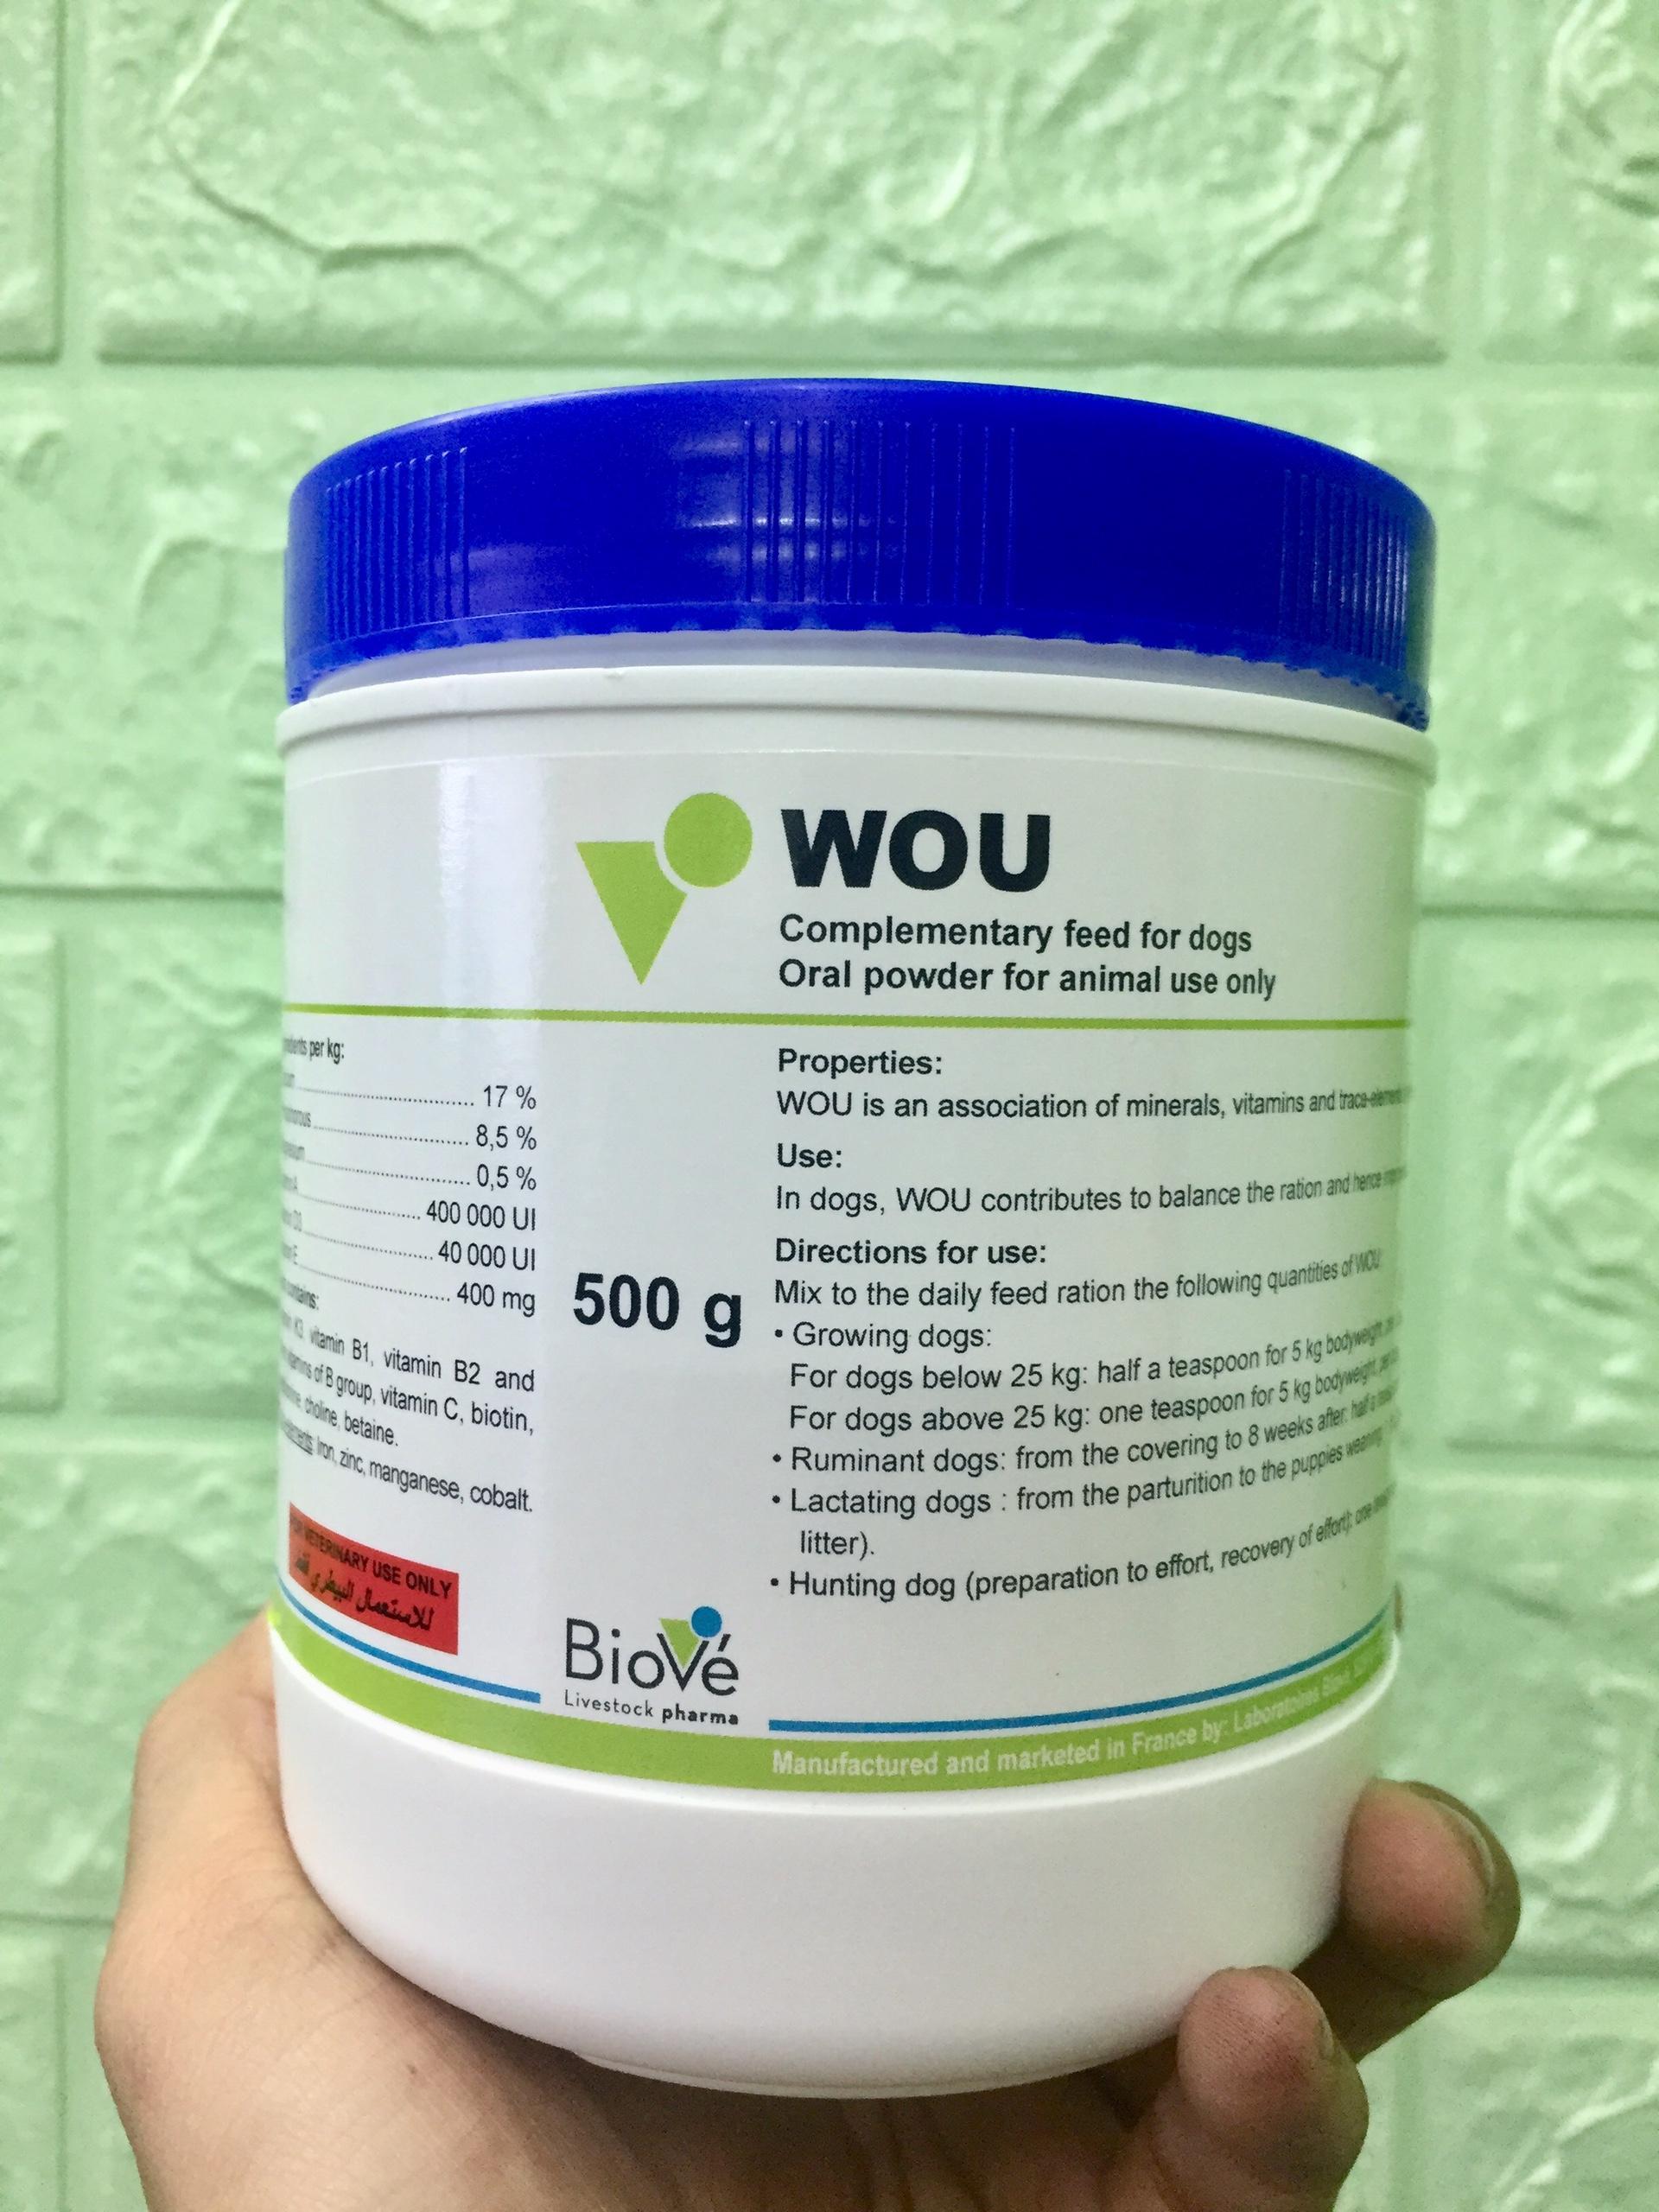 Thức ăn cho chó Wou - bổ sung vitamin, khoáng, canxi cho chó mọi loại chó Nhật Bản